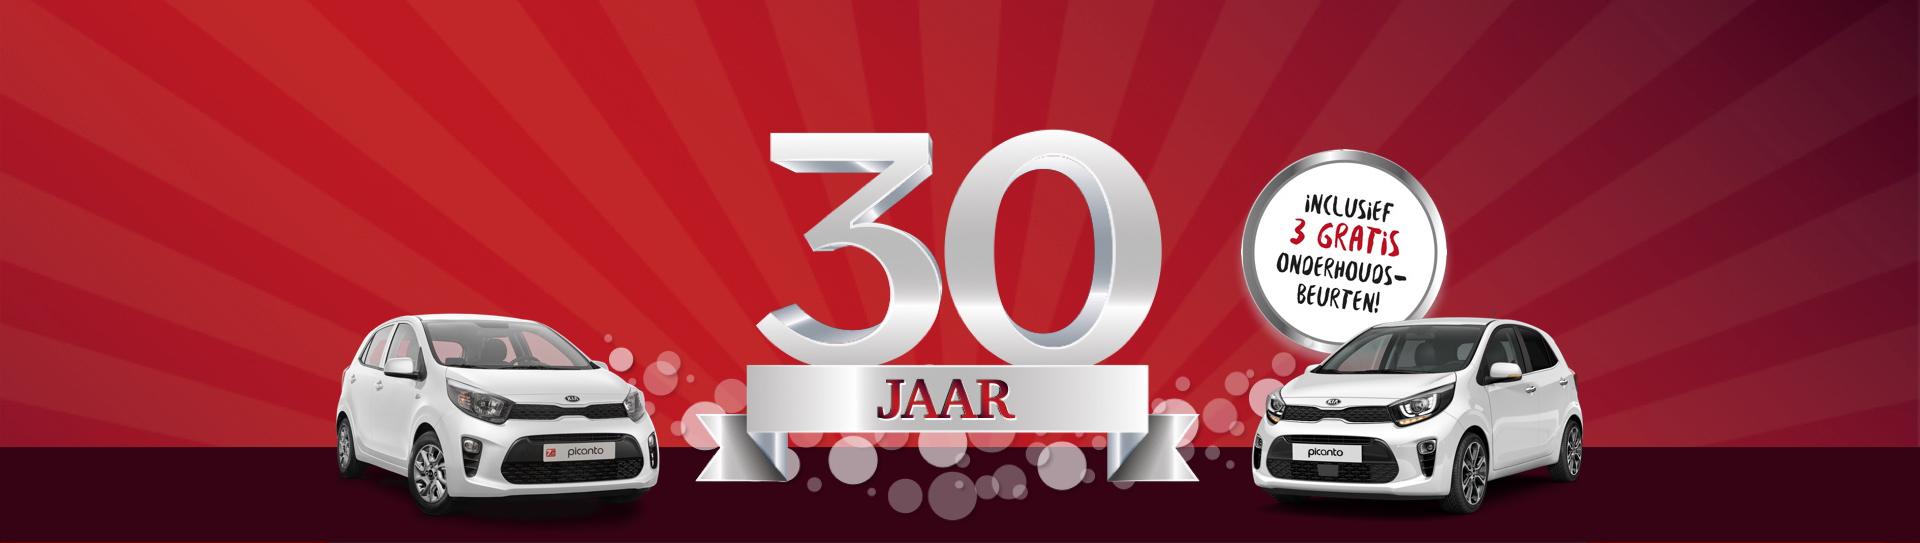 30 Jaar Picanto